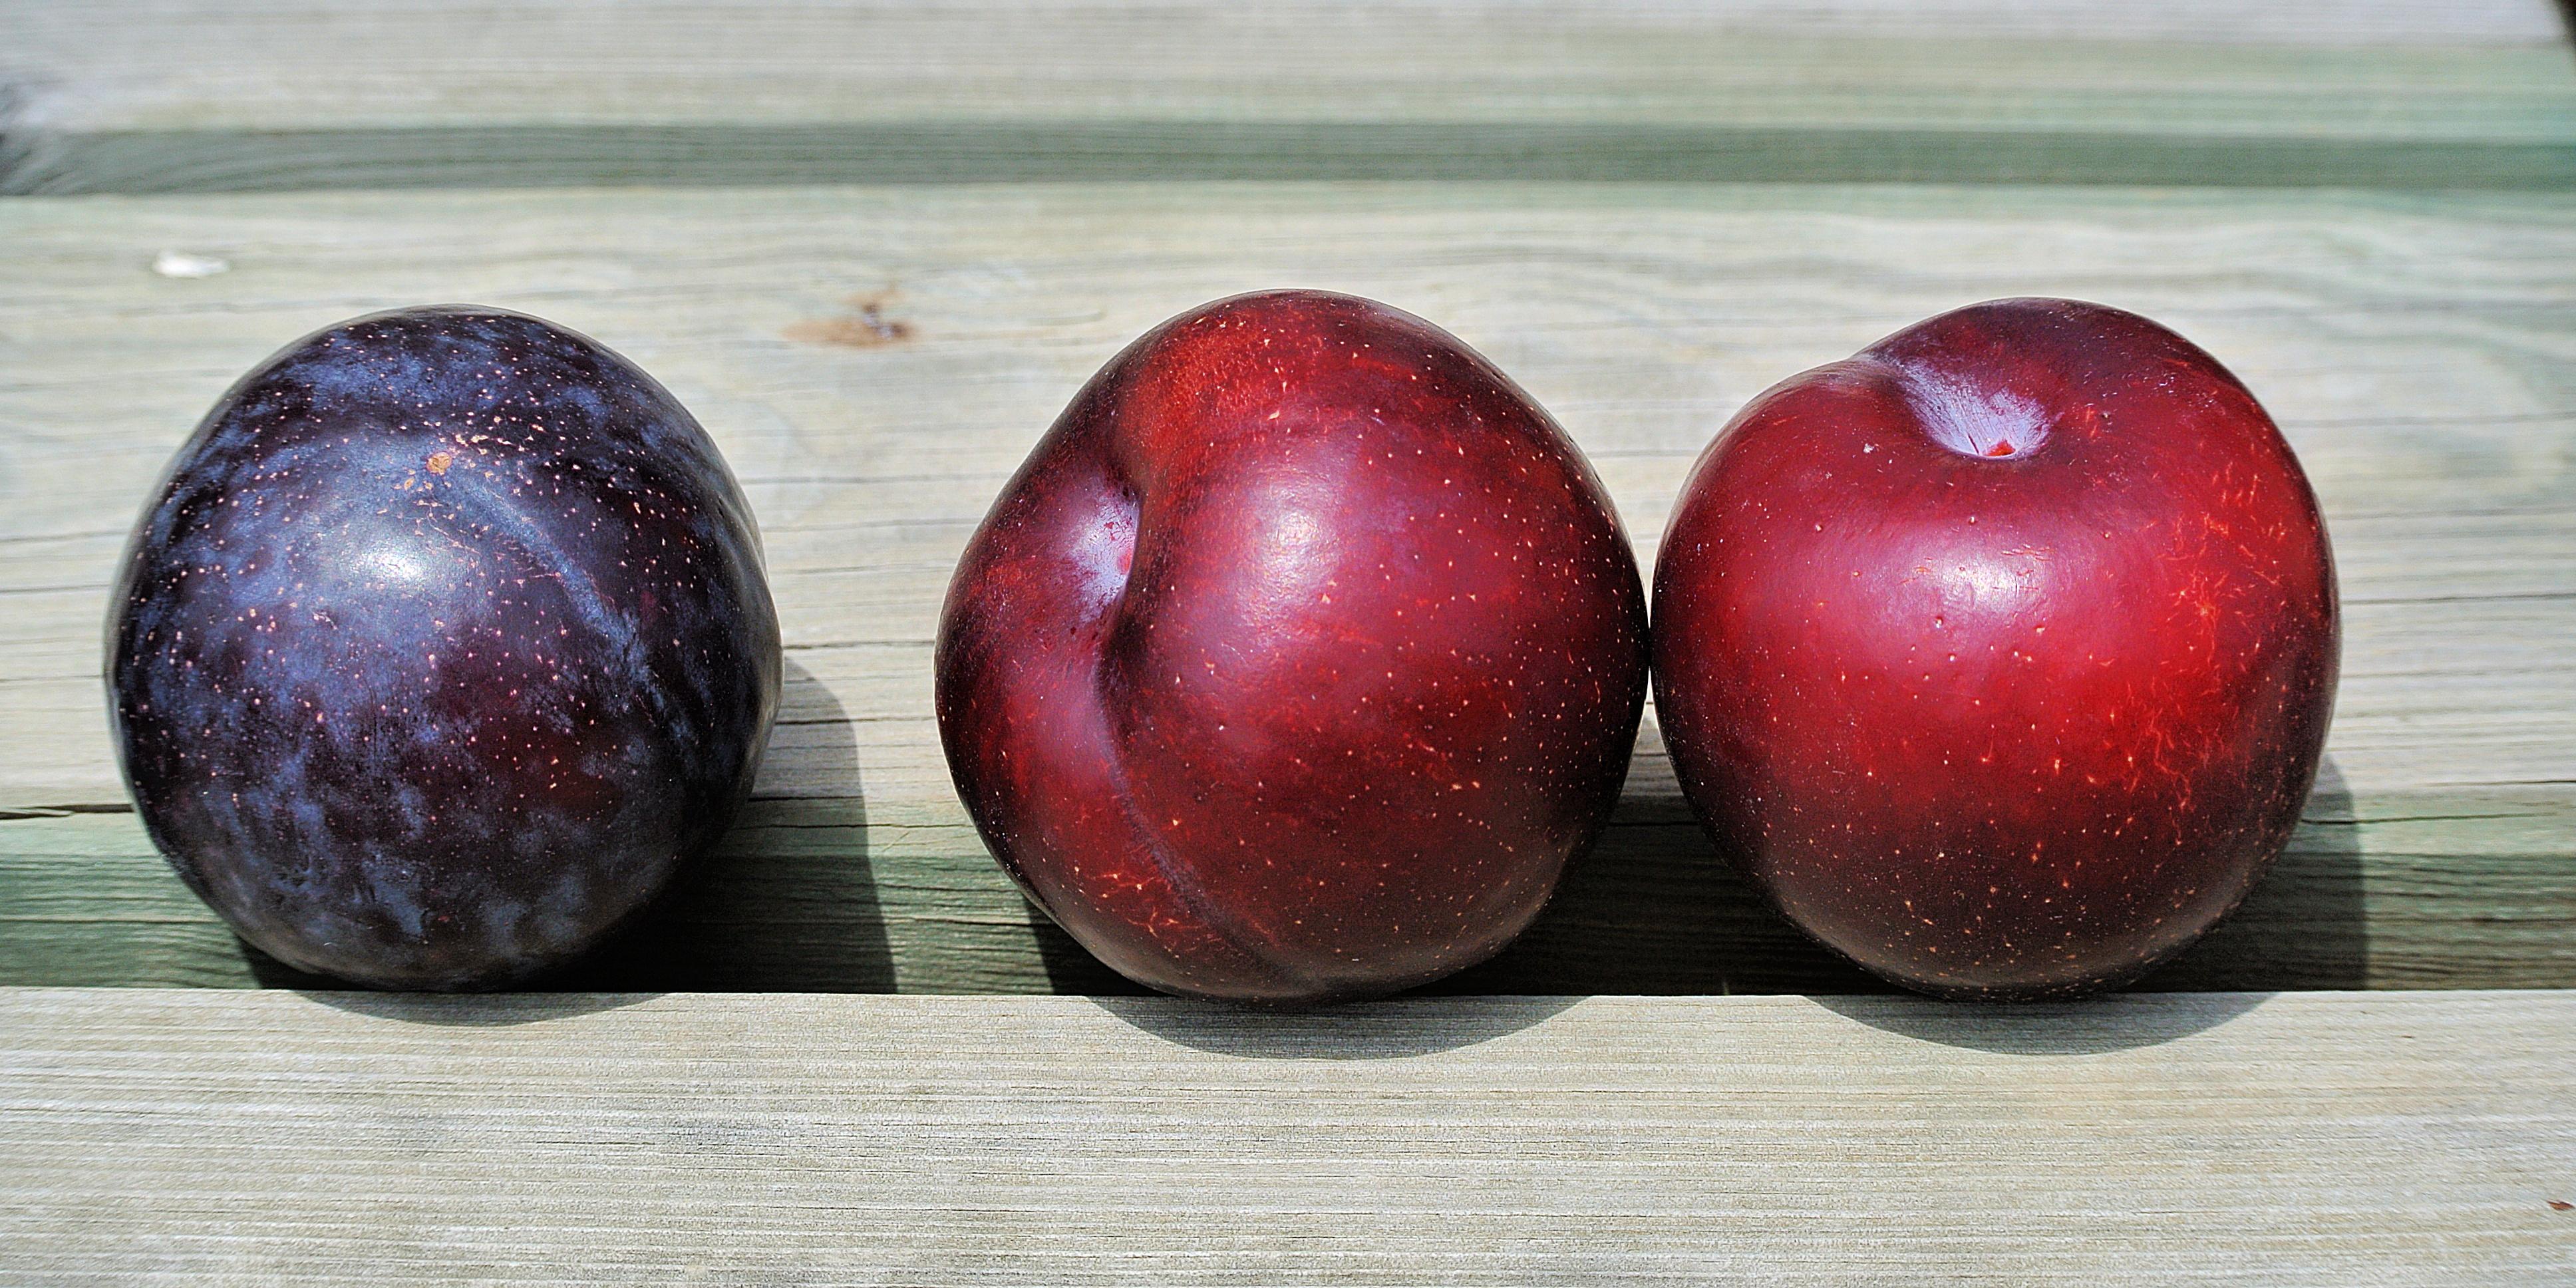 Zeswoordverhaal: Fruit